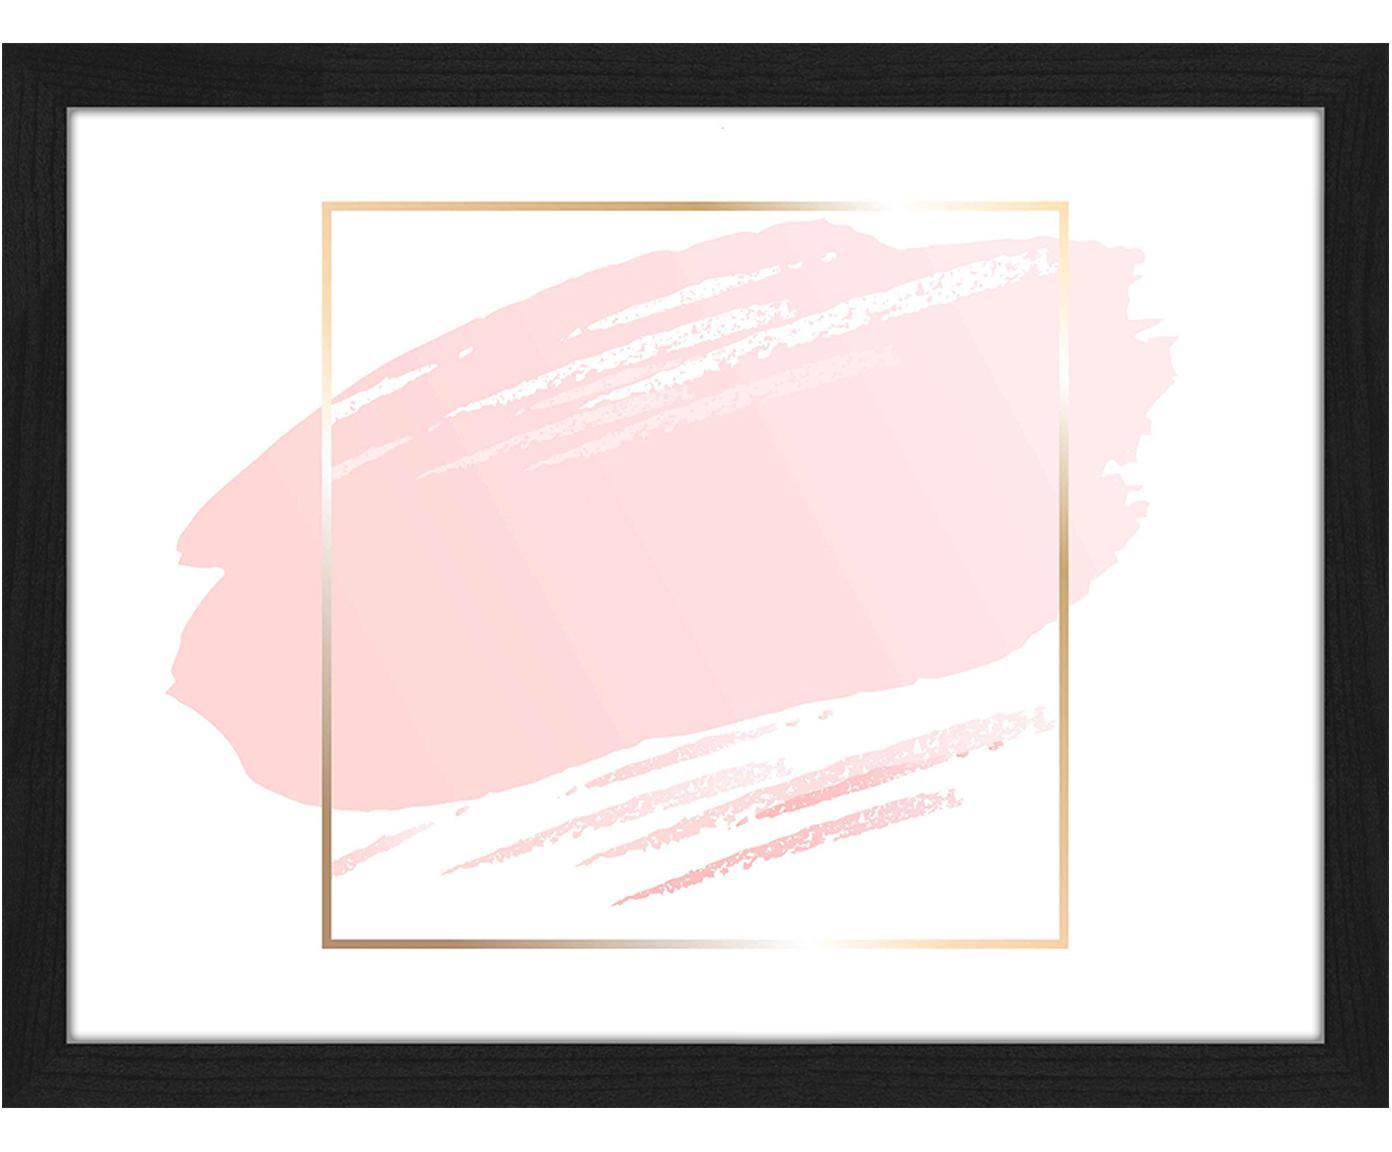 Stampa digitale incorniciata Pink Brush, Immagine: stampa digitale su carta,, Cornice: legno di faggio verniciat, Bianco, rosa dorato, Larg. 33 x Alt. 43 cm